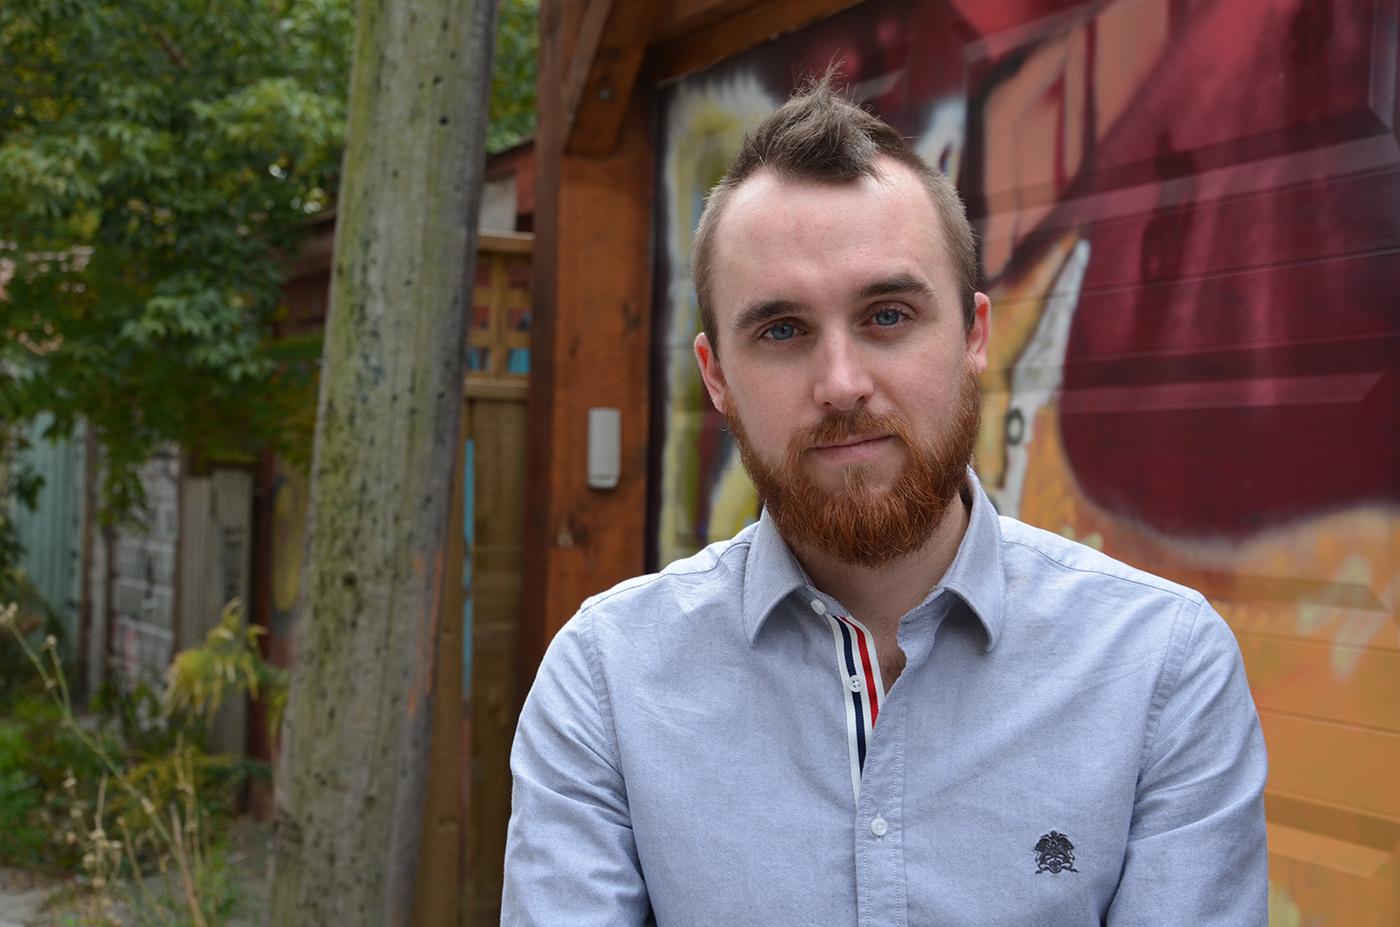 Toronto designer Jay Wall